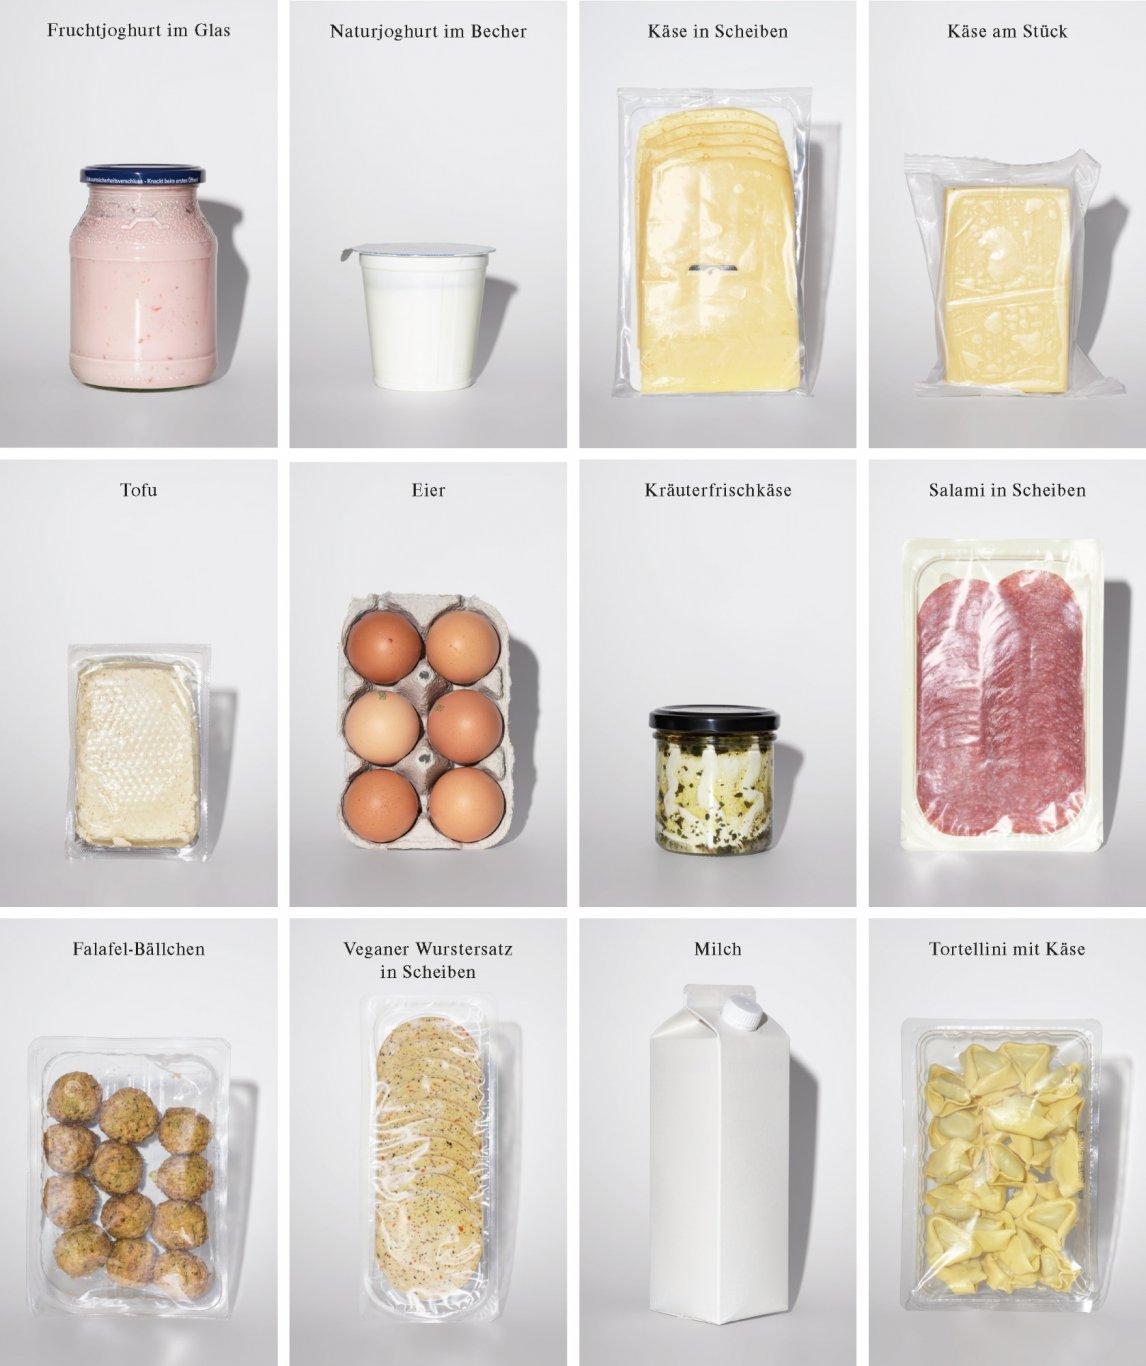 IM DUTZEND DURCHHALTEN Diese zwölf Lebensmittel in Bioqualität werden im Auftrag des Greenpeace Magazins auf ihre Haltbarkeit jenseits des Mindesthaltbarkeitsdatums getestet. Die Logos und sonstigen Beschriftungen haben wir entfernt, da die Hersteller in diesem Test keine Rolle spielen